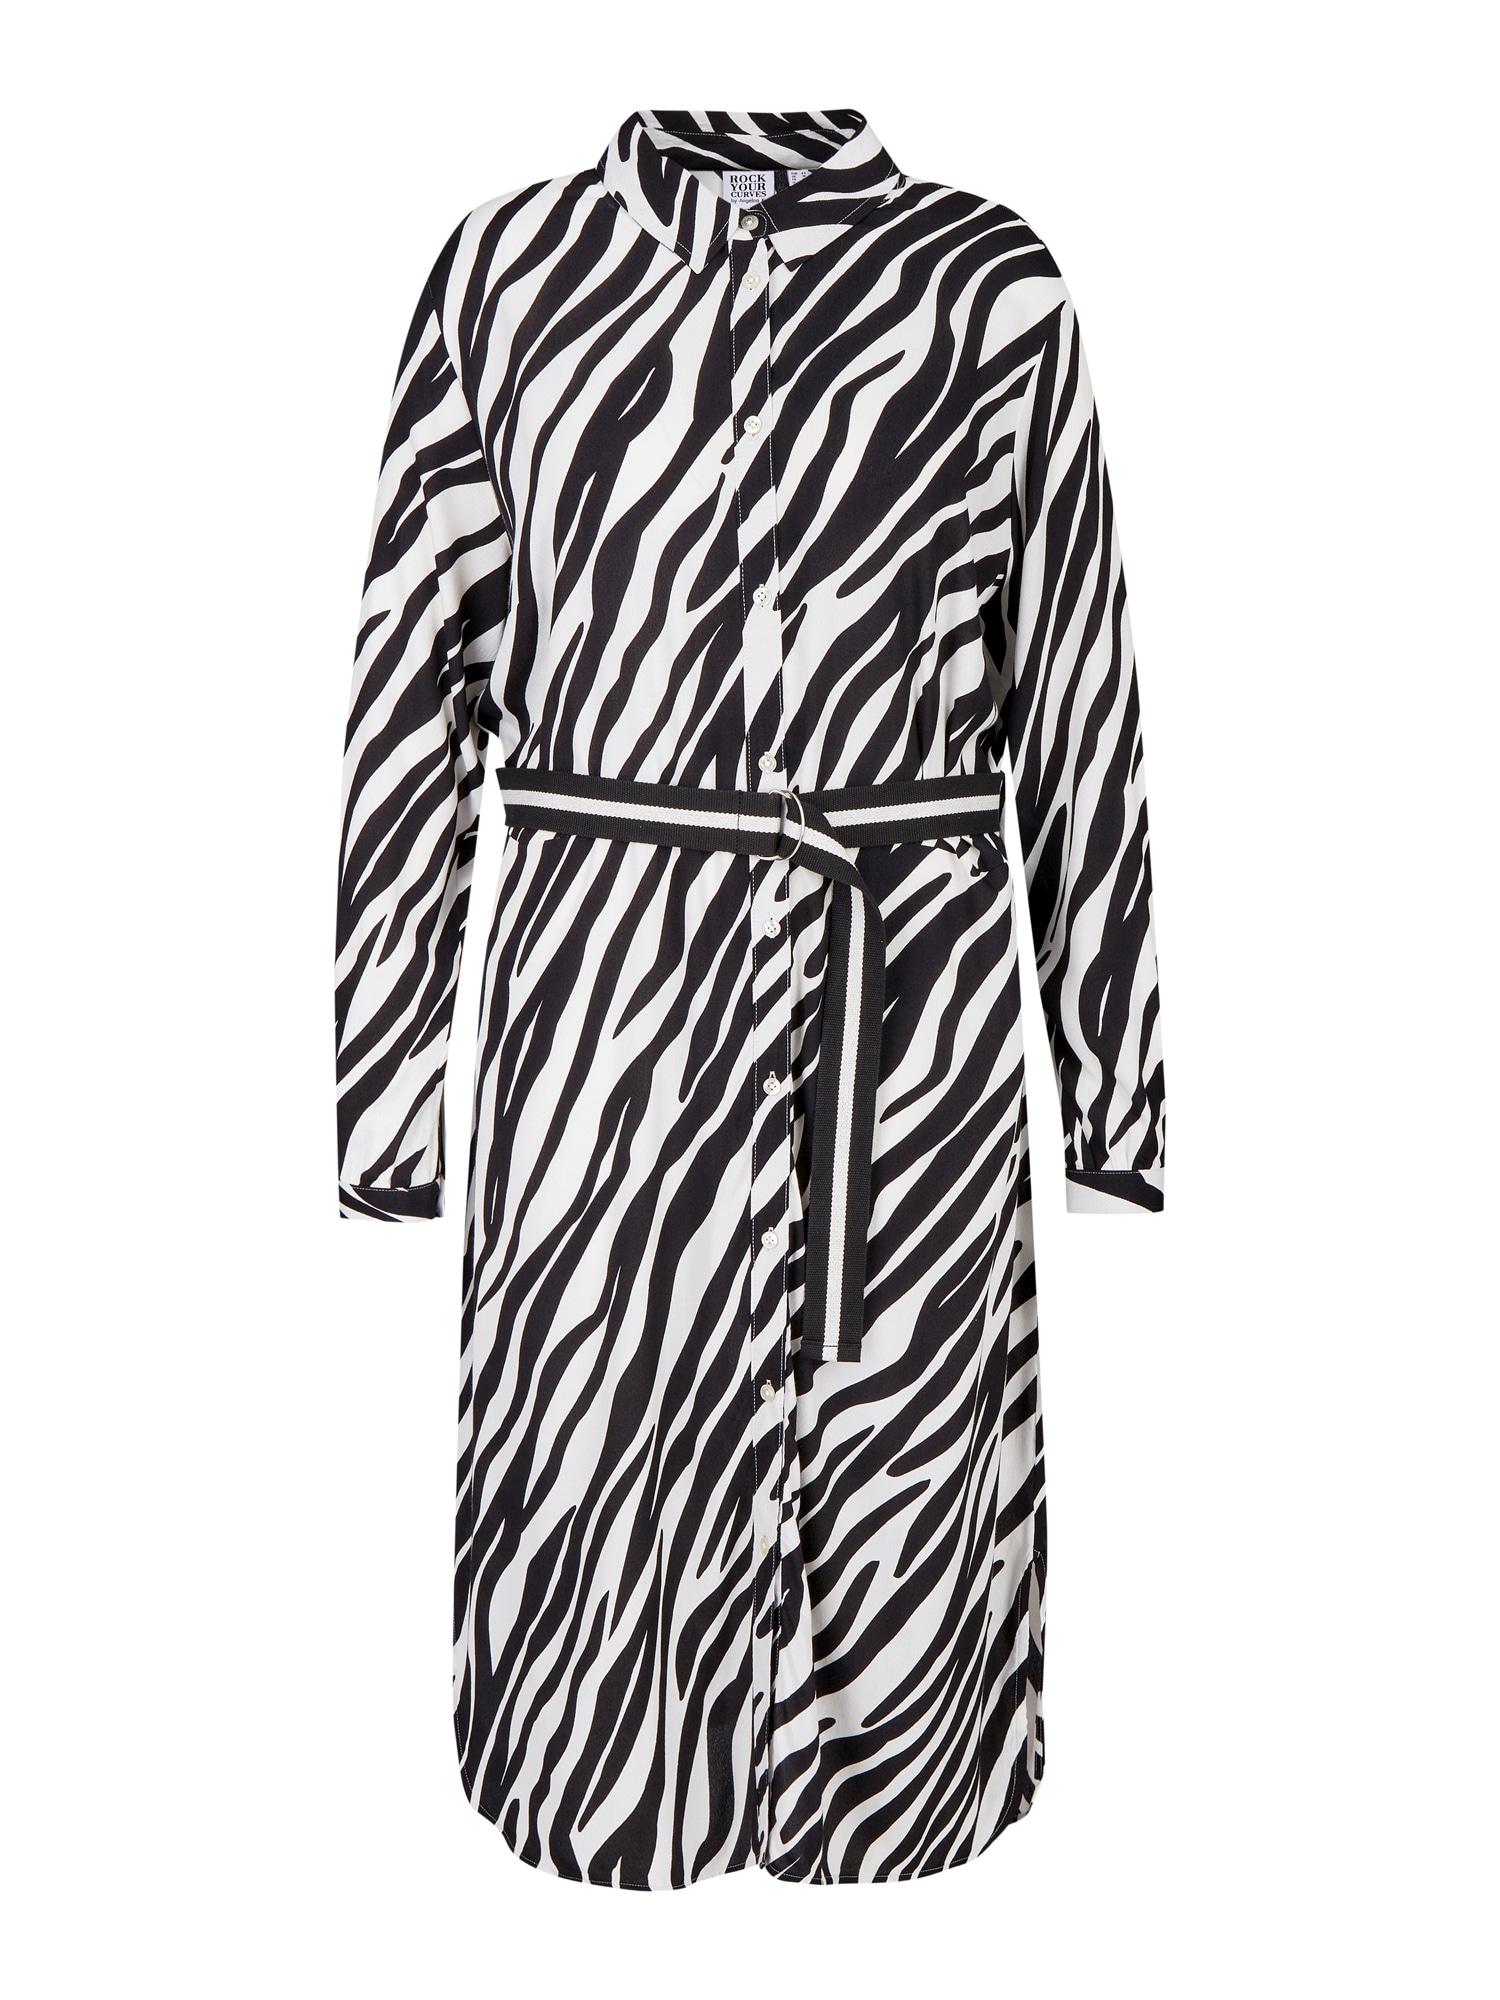 Rock Your Curves by Angelina K. Palaidinės tipo suknelė balta / juoda